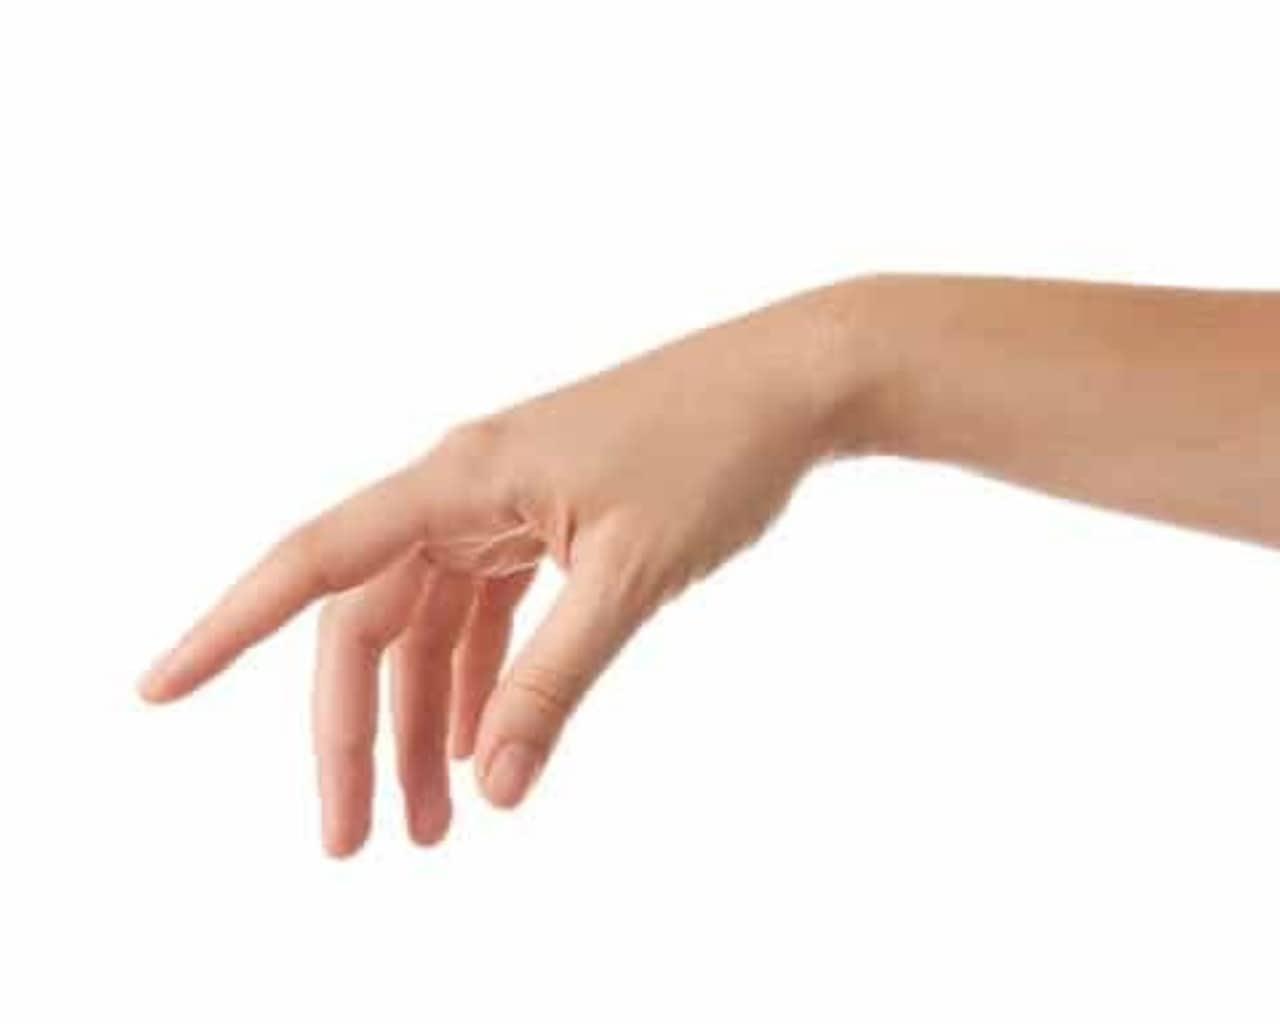 χερια,χερια ενωμενα,χερια ψηλα κιθαρα,χερια σαν κι αυτα,χερια ψηλα,χερια μου αδειανα,χερια ψηλα στιχοι,χερια ονειροκριτησ,χερια απο τσιμεντο